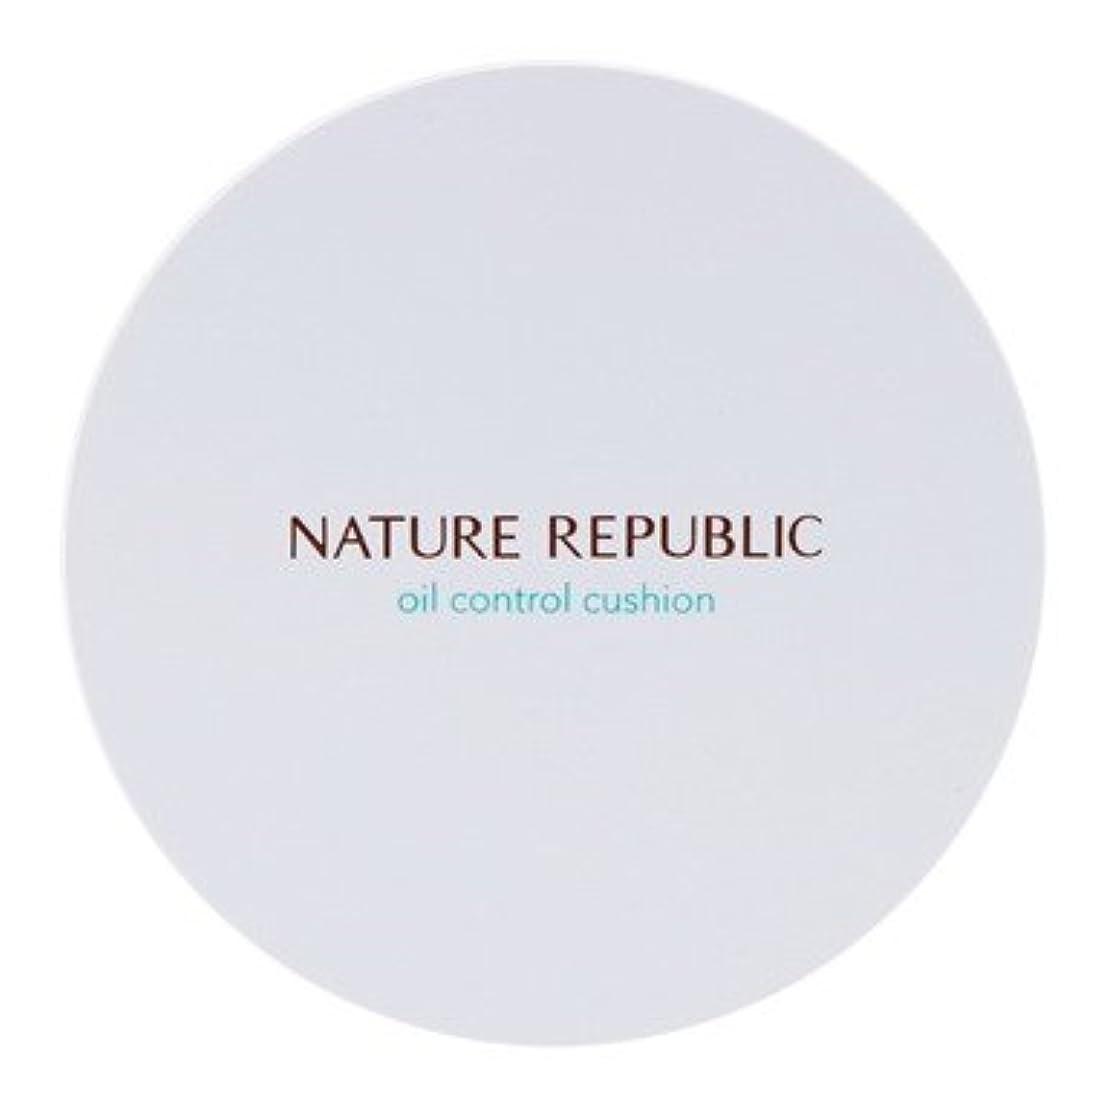 荒野白内障アコー【NATURE REPUBLIC (ネイチャーリパブリック)】プロヴァンス エアスキンフィット オイルコントロール クッション 15g (SPF50+/ PA+++)(2カラー選択1) (02 ナチュラルベージュ) [並行輸入品]